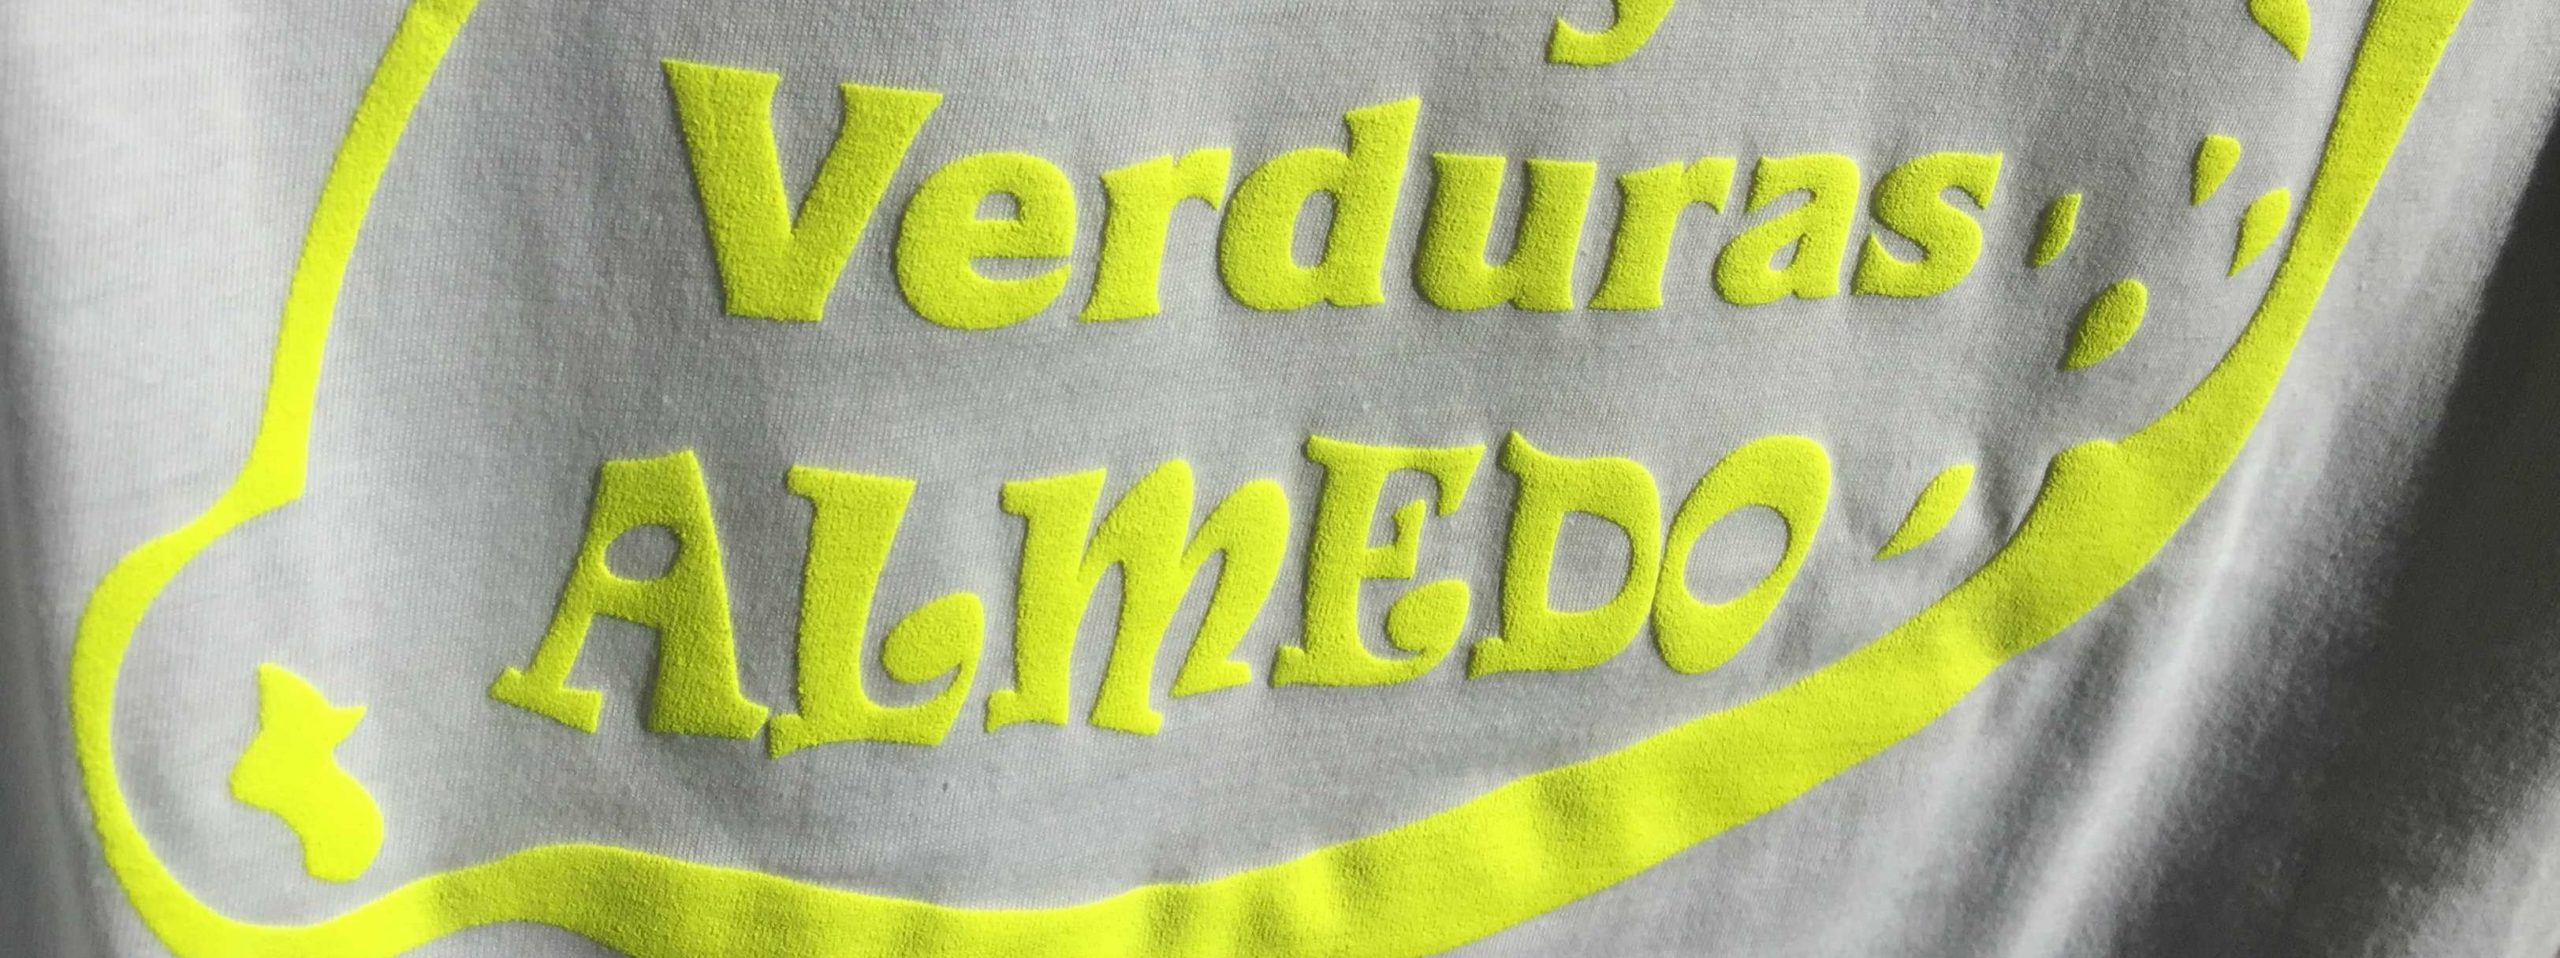 Serigrafía Puff - Header Image